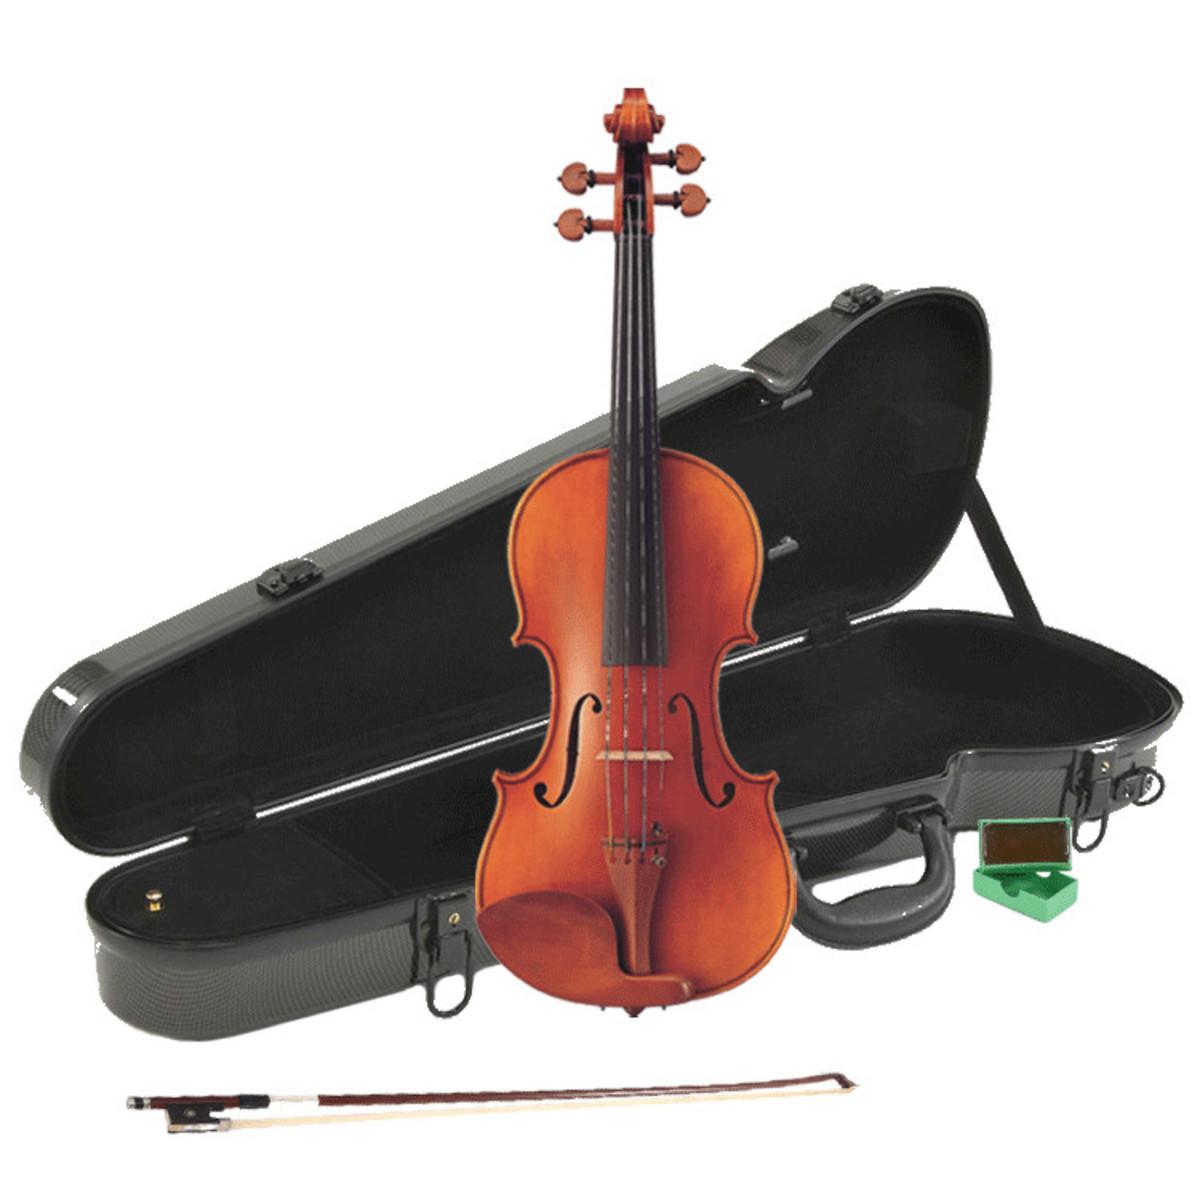 Yamaha v20g intermediate violin 4 4 package deal at for Violin yamaha 4 4